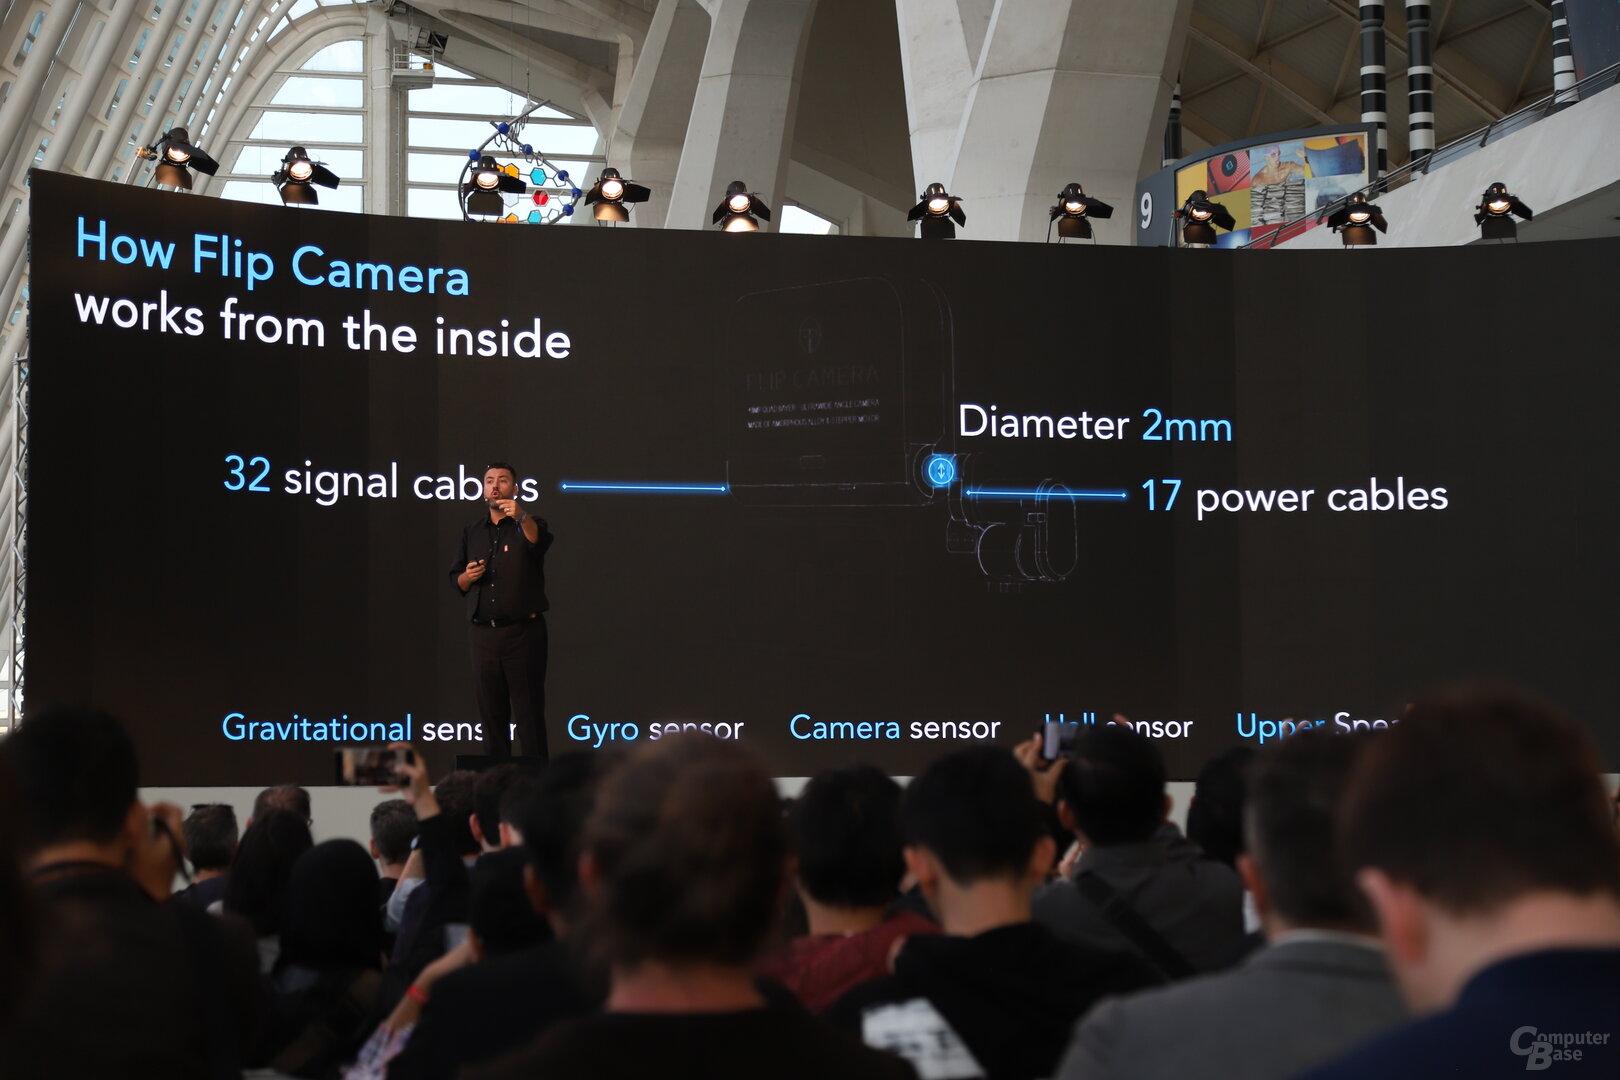 Einblicke in die Klapp-Kamera